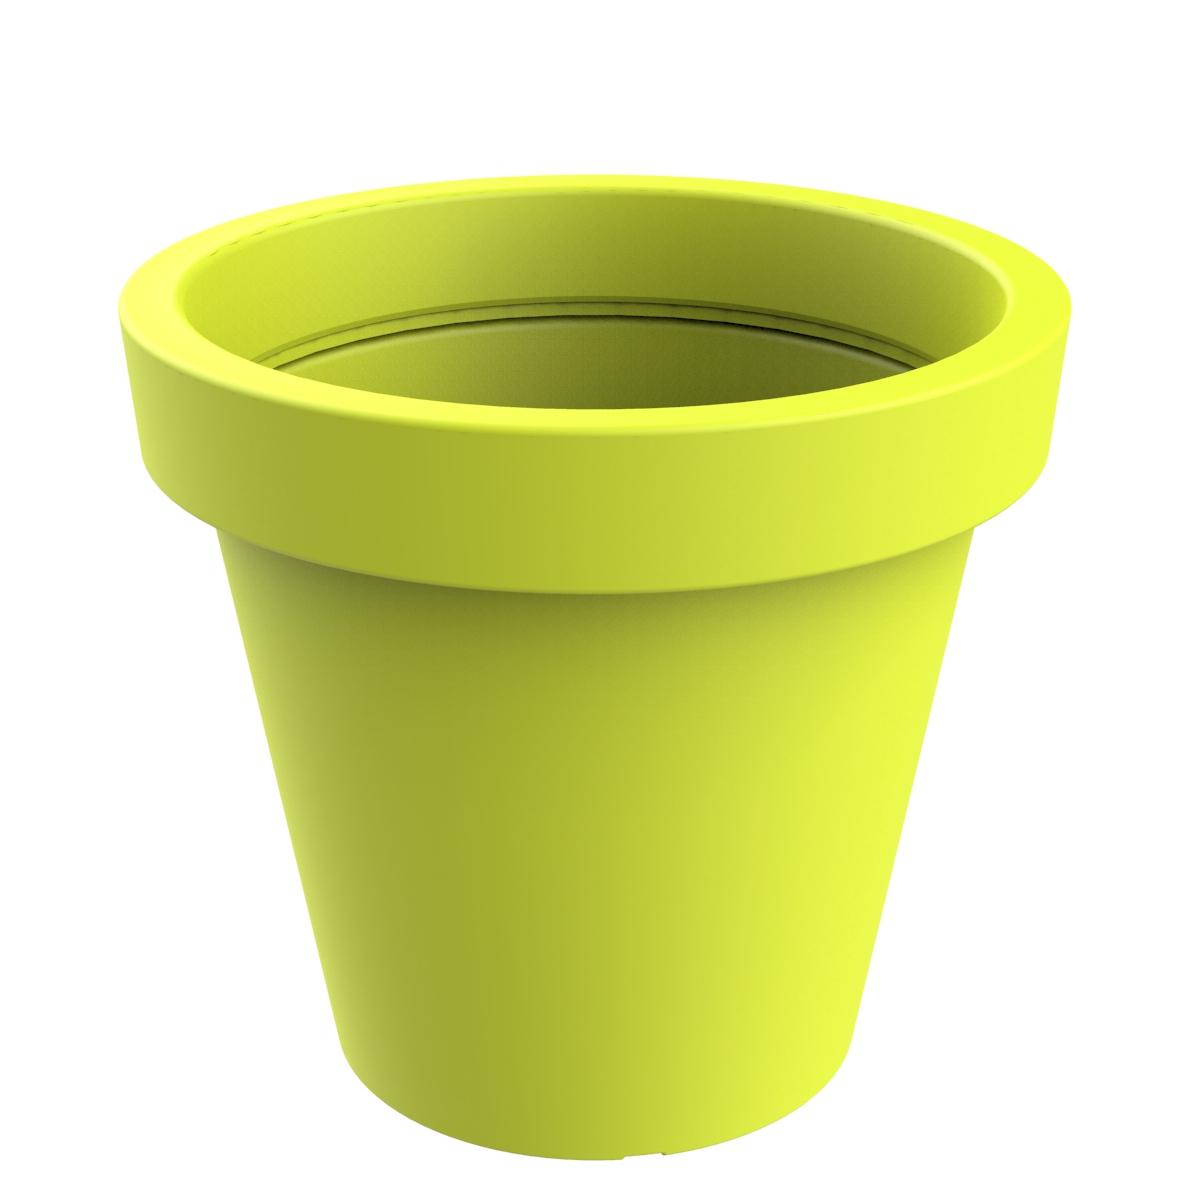 Jardinera modelo Alvium de color Verde Ácido RAL 1026 P-1017-1200-VEA